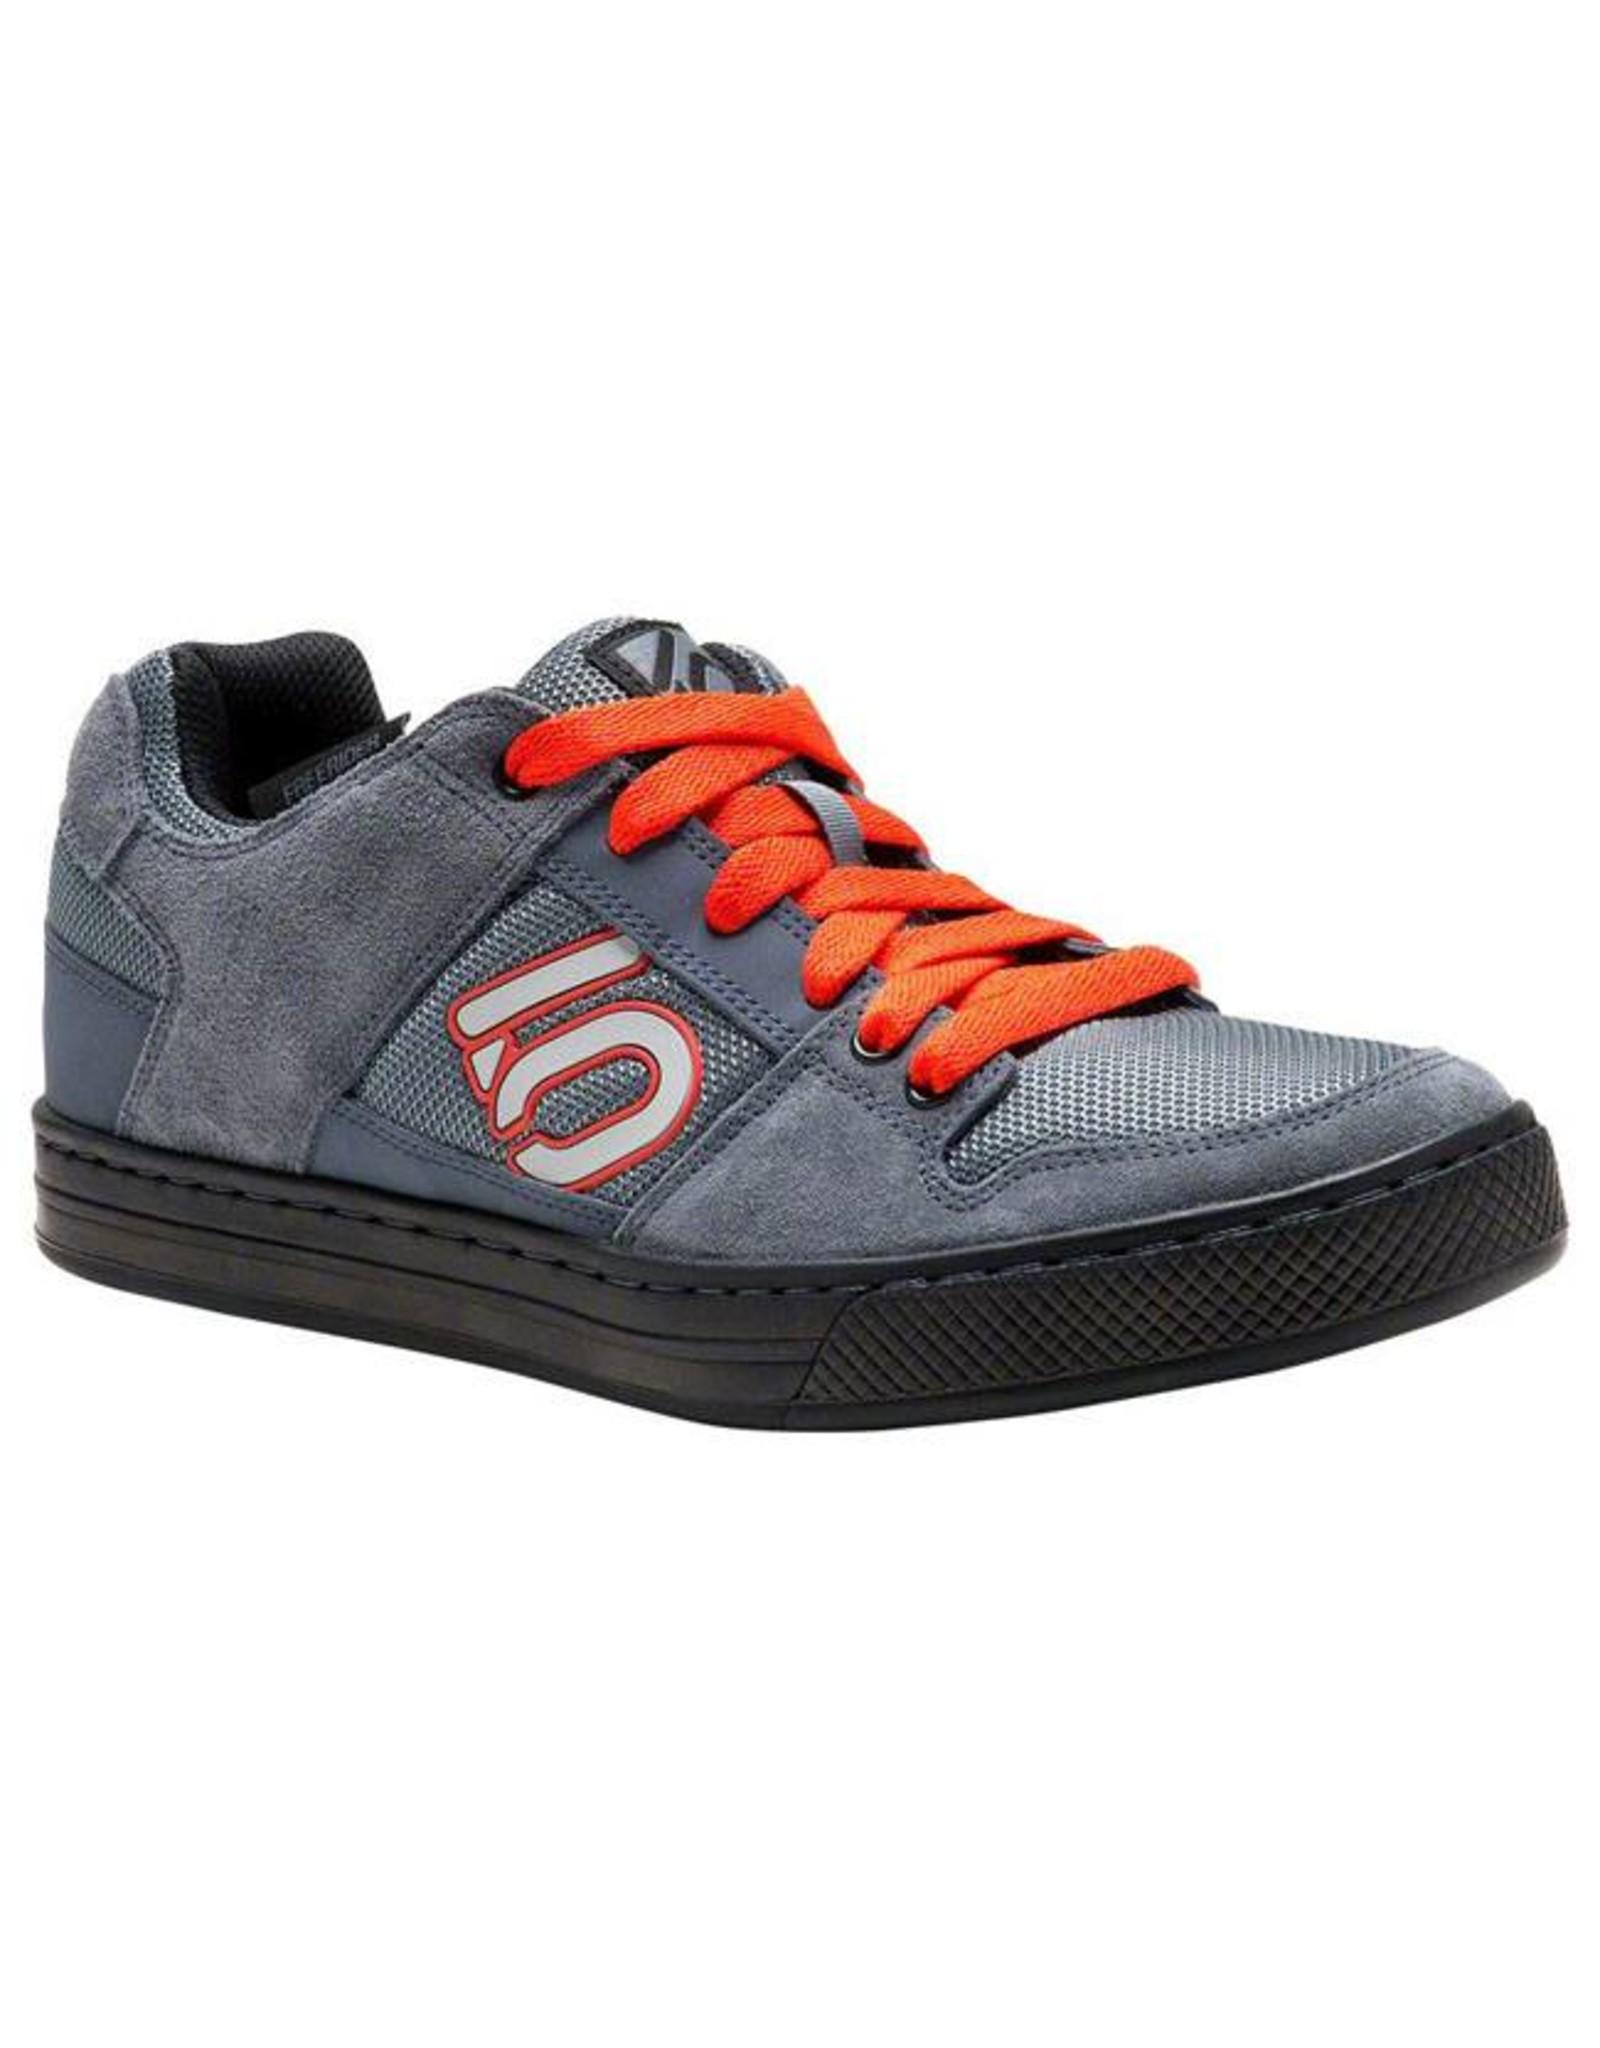 Five Ten Five Ten Freerider Men's Flat Pedal Shoe: Gray/Orange 11